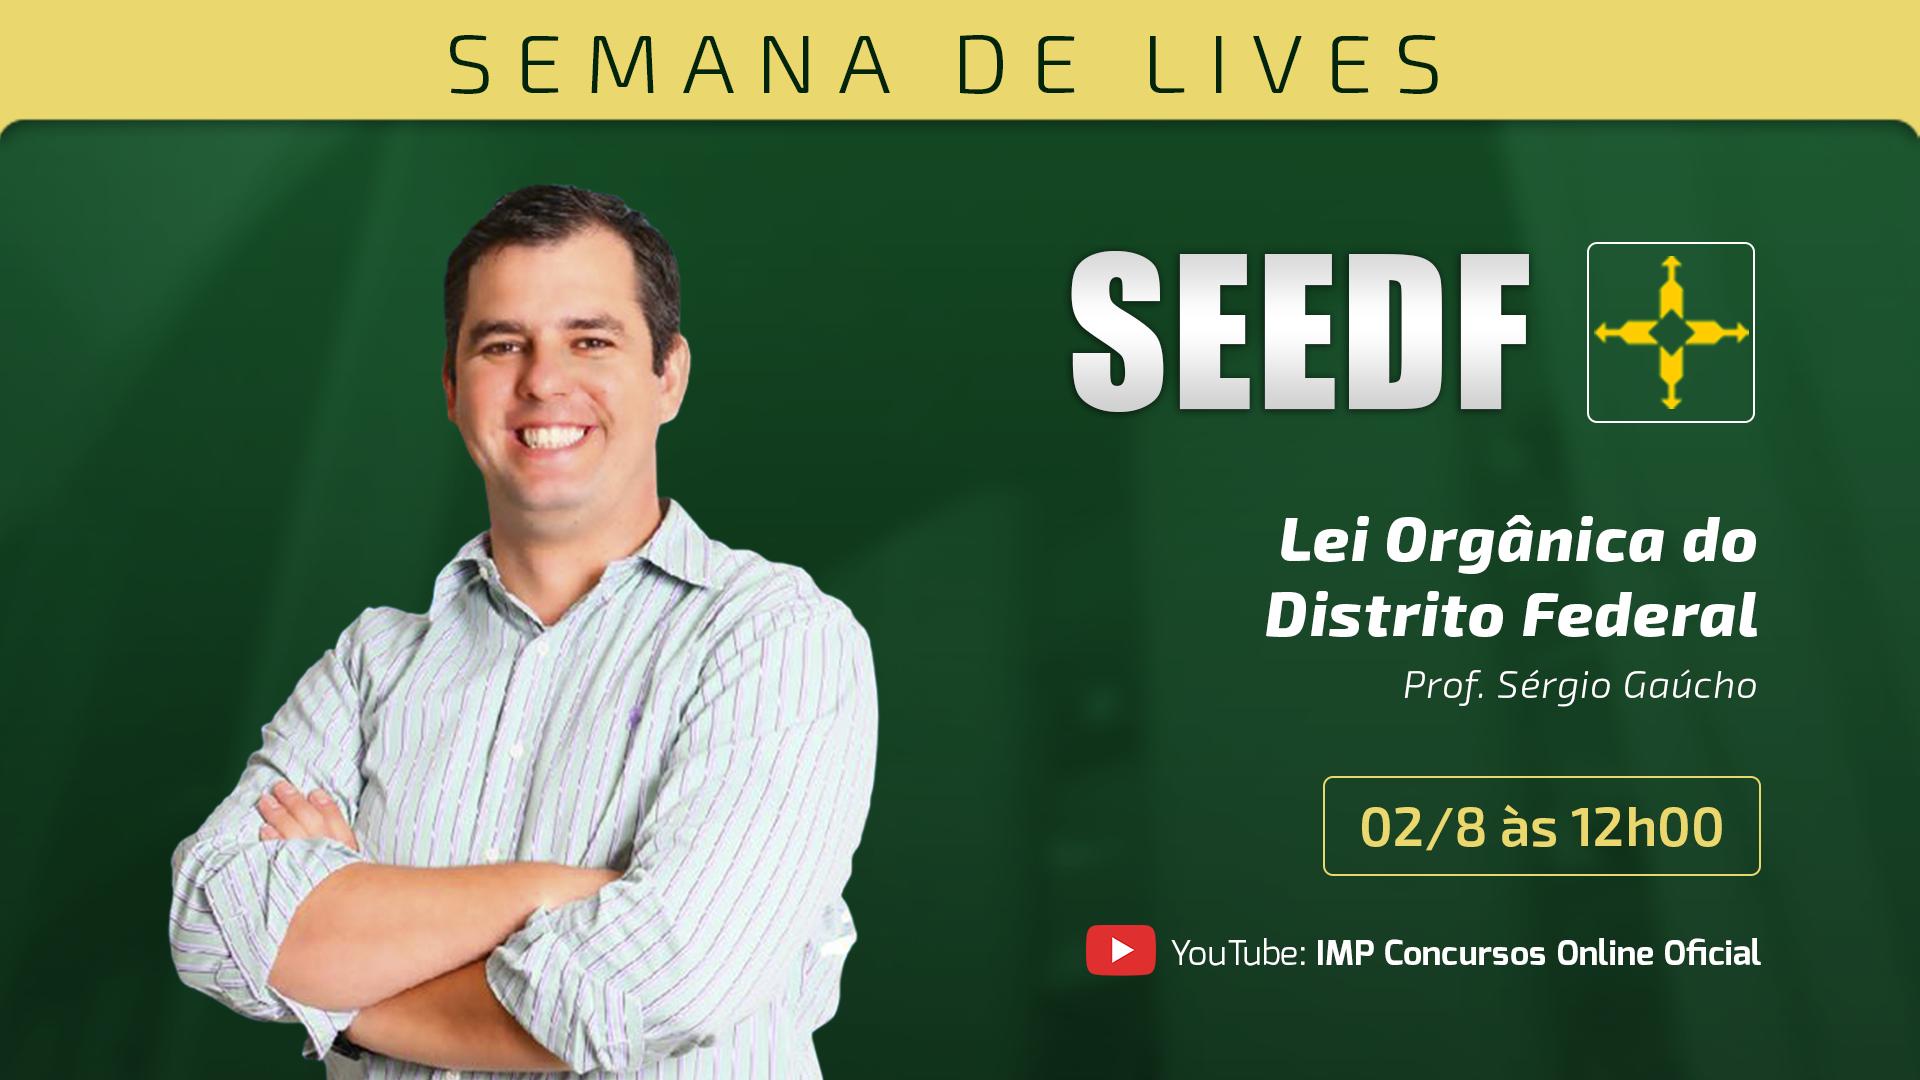 Semana de lançamento SEEDF - Lei Orgânica do Distrito Federal